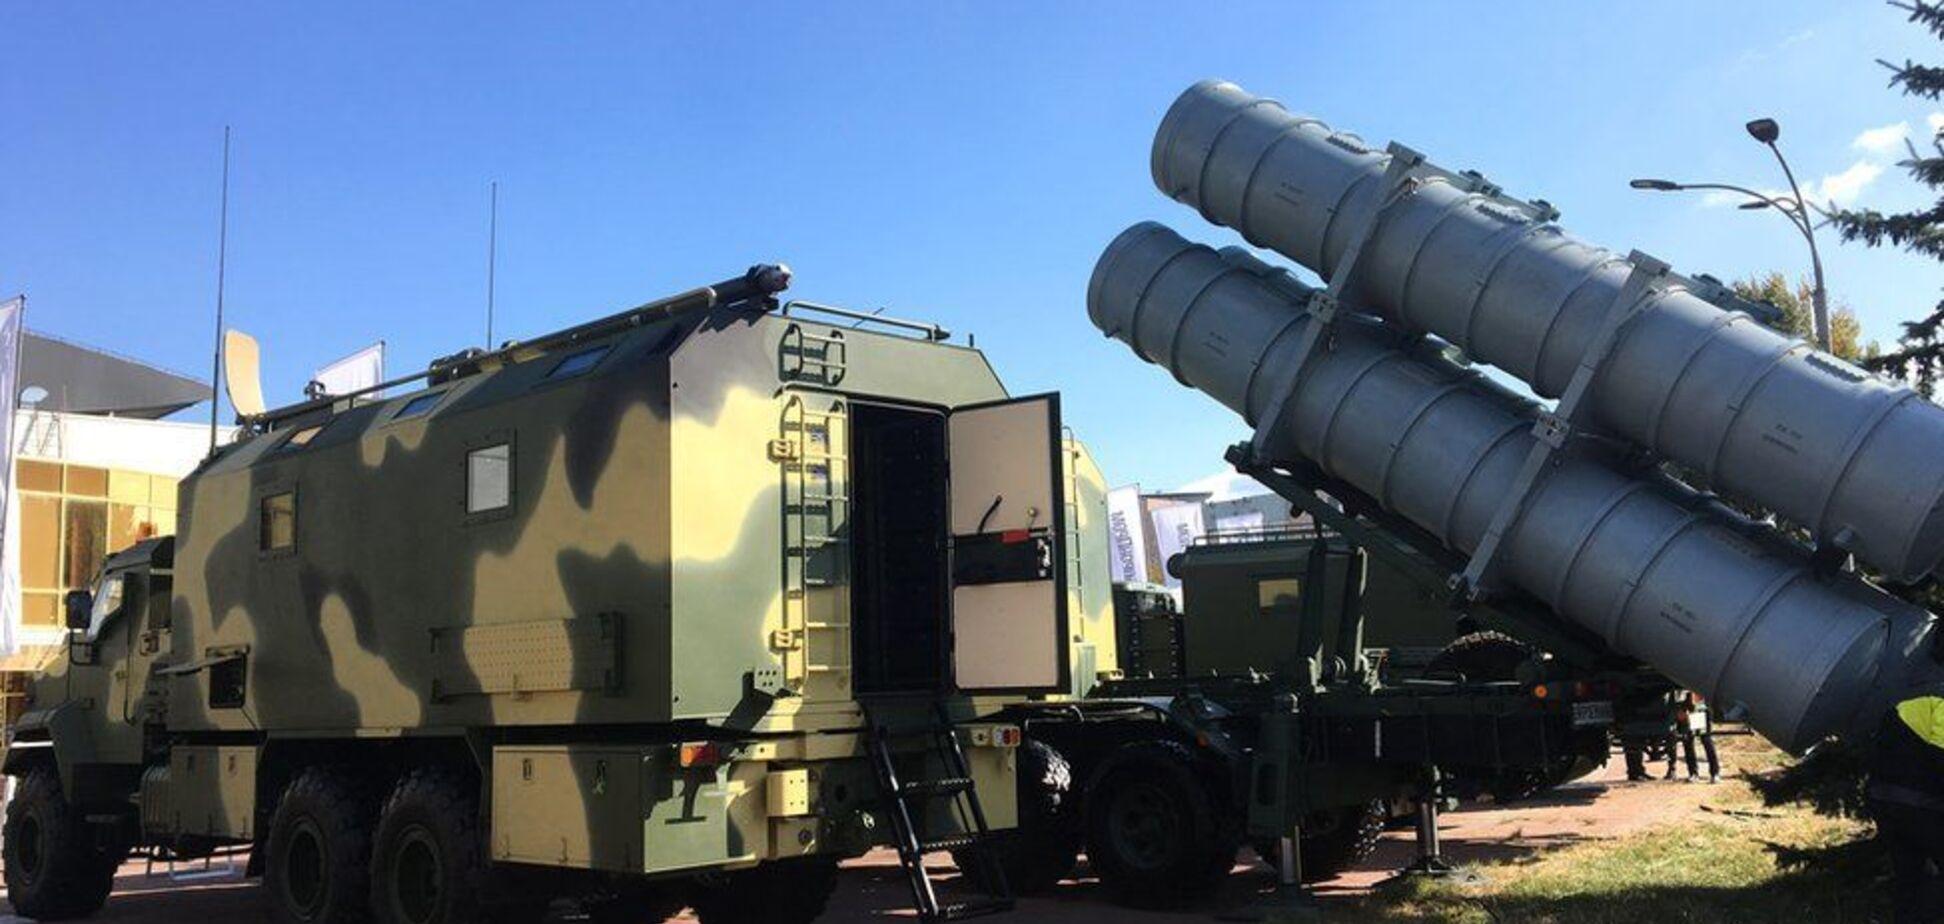 В Украине впервые показали мощнейший ракетный комплекс 'Нептун'